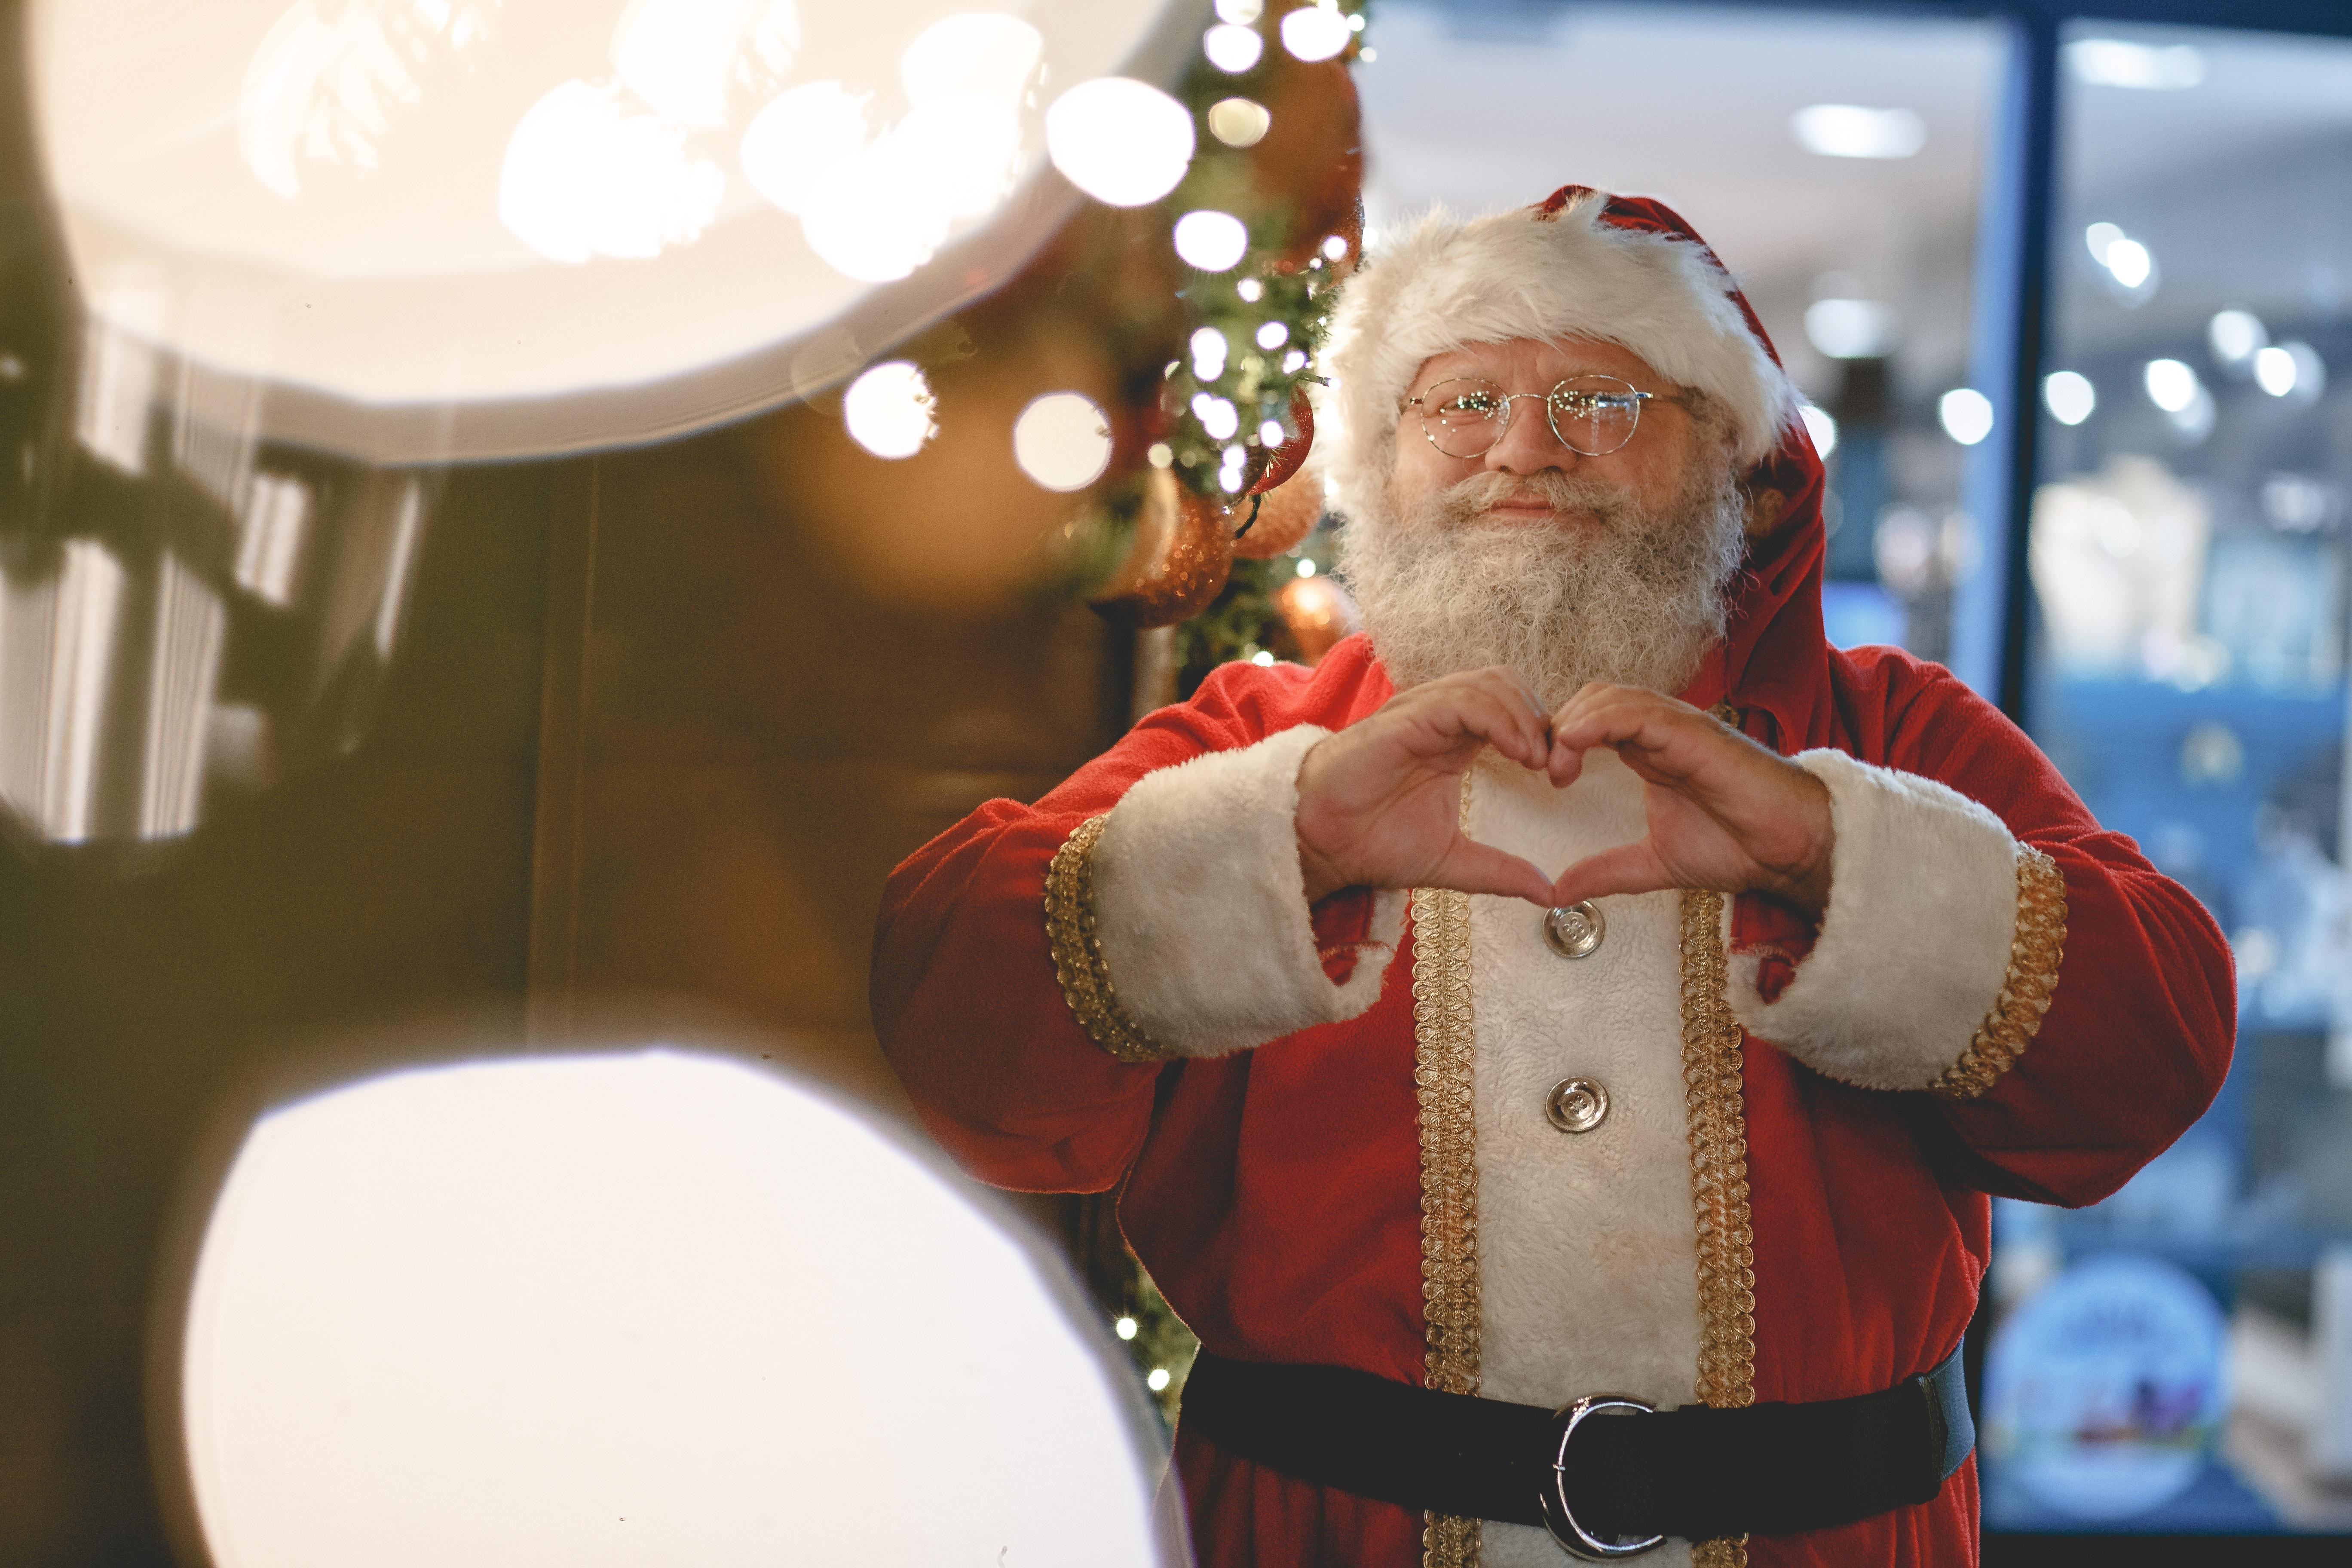 Najpopularniejsze stroje na Boże Narodzenie